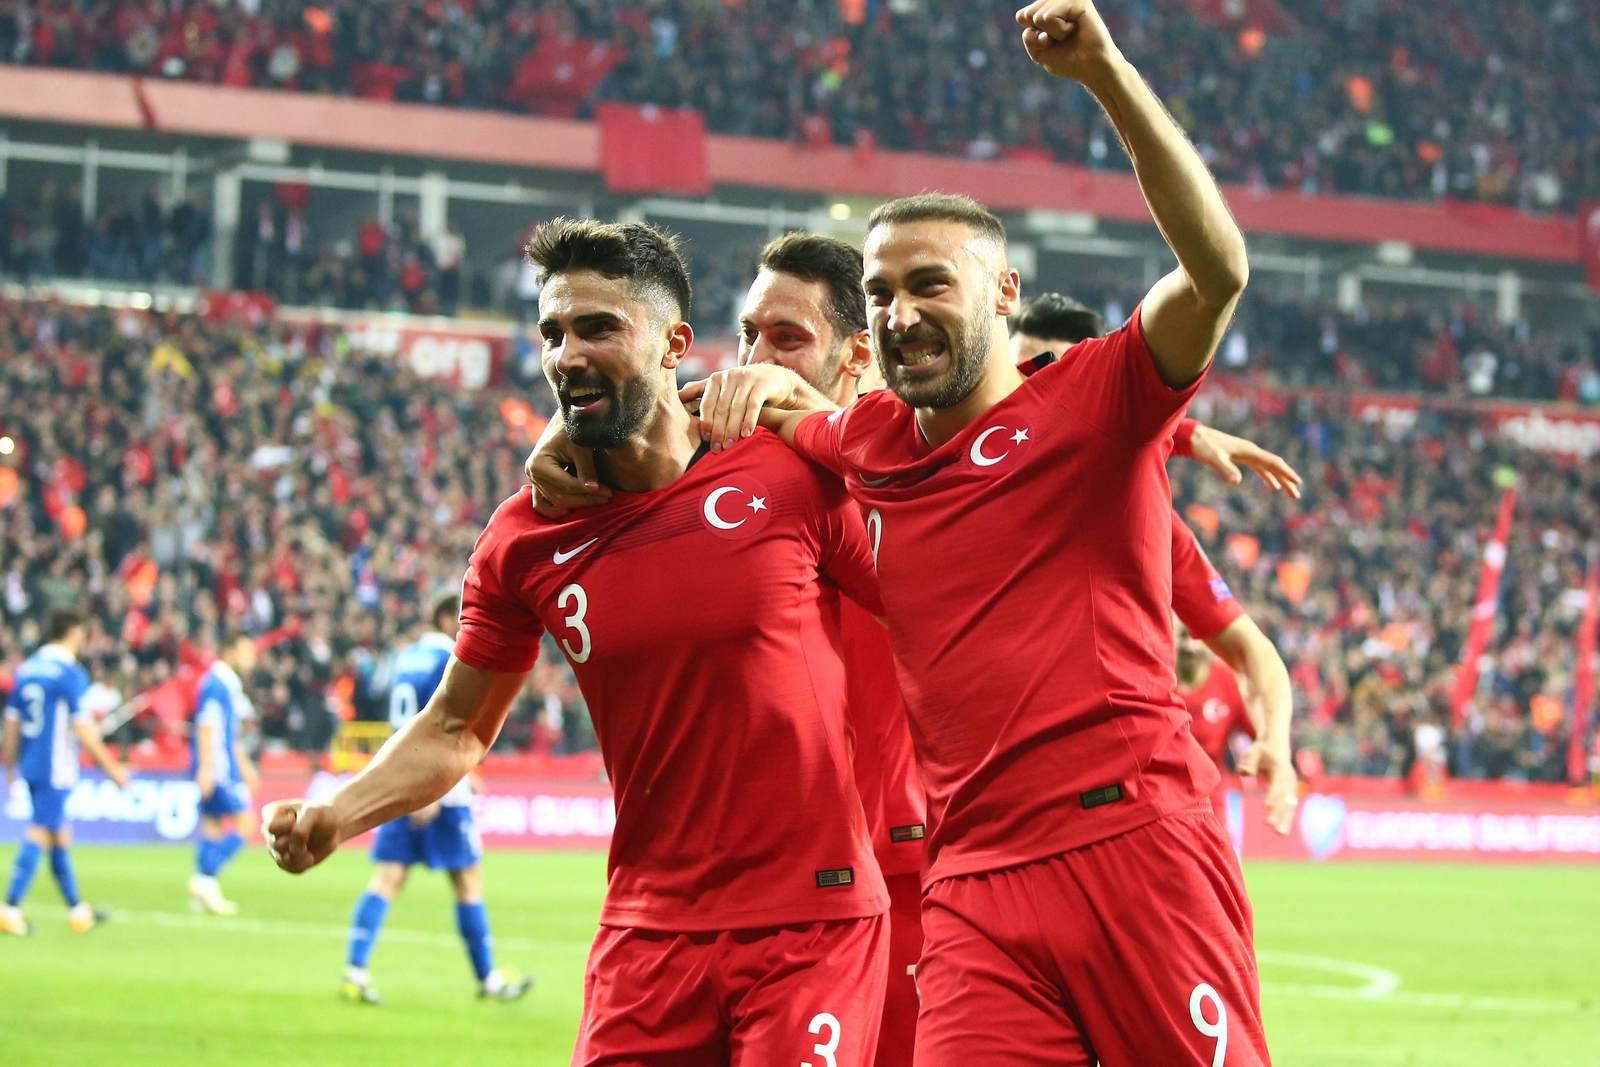 Cenk Tosun und die türkische Nationalmannschaft jubelt. Jetzt auf Türkei gegen Frankreich wetten.